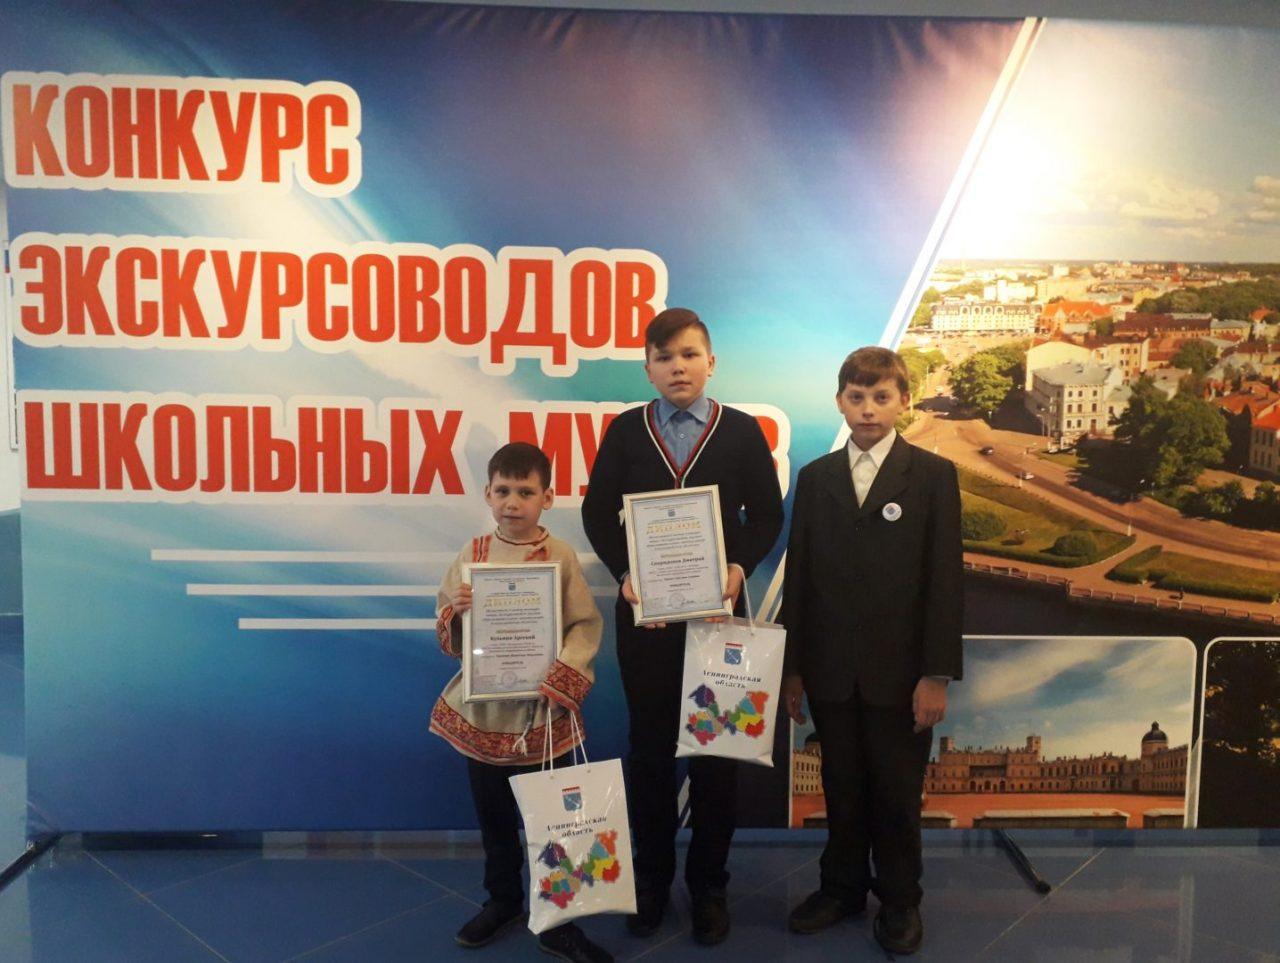 Юные волховские экскурсоводы представят область в столице